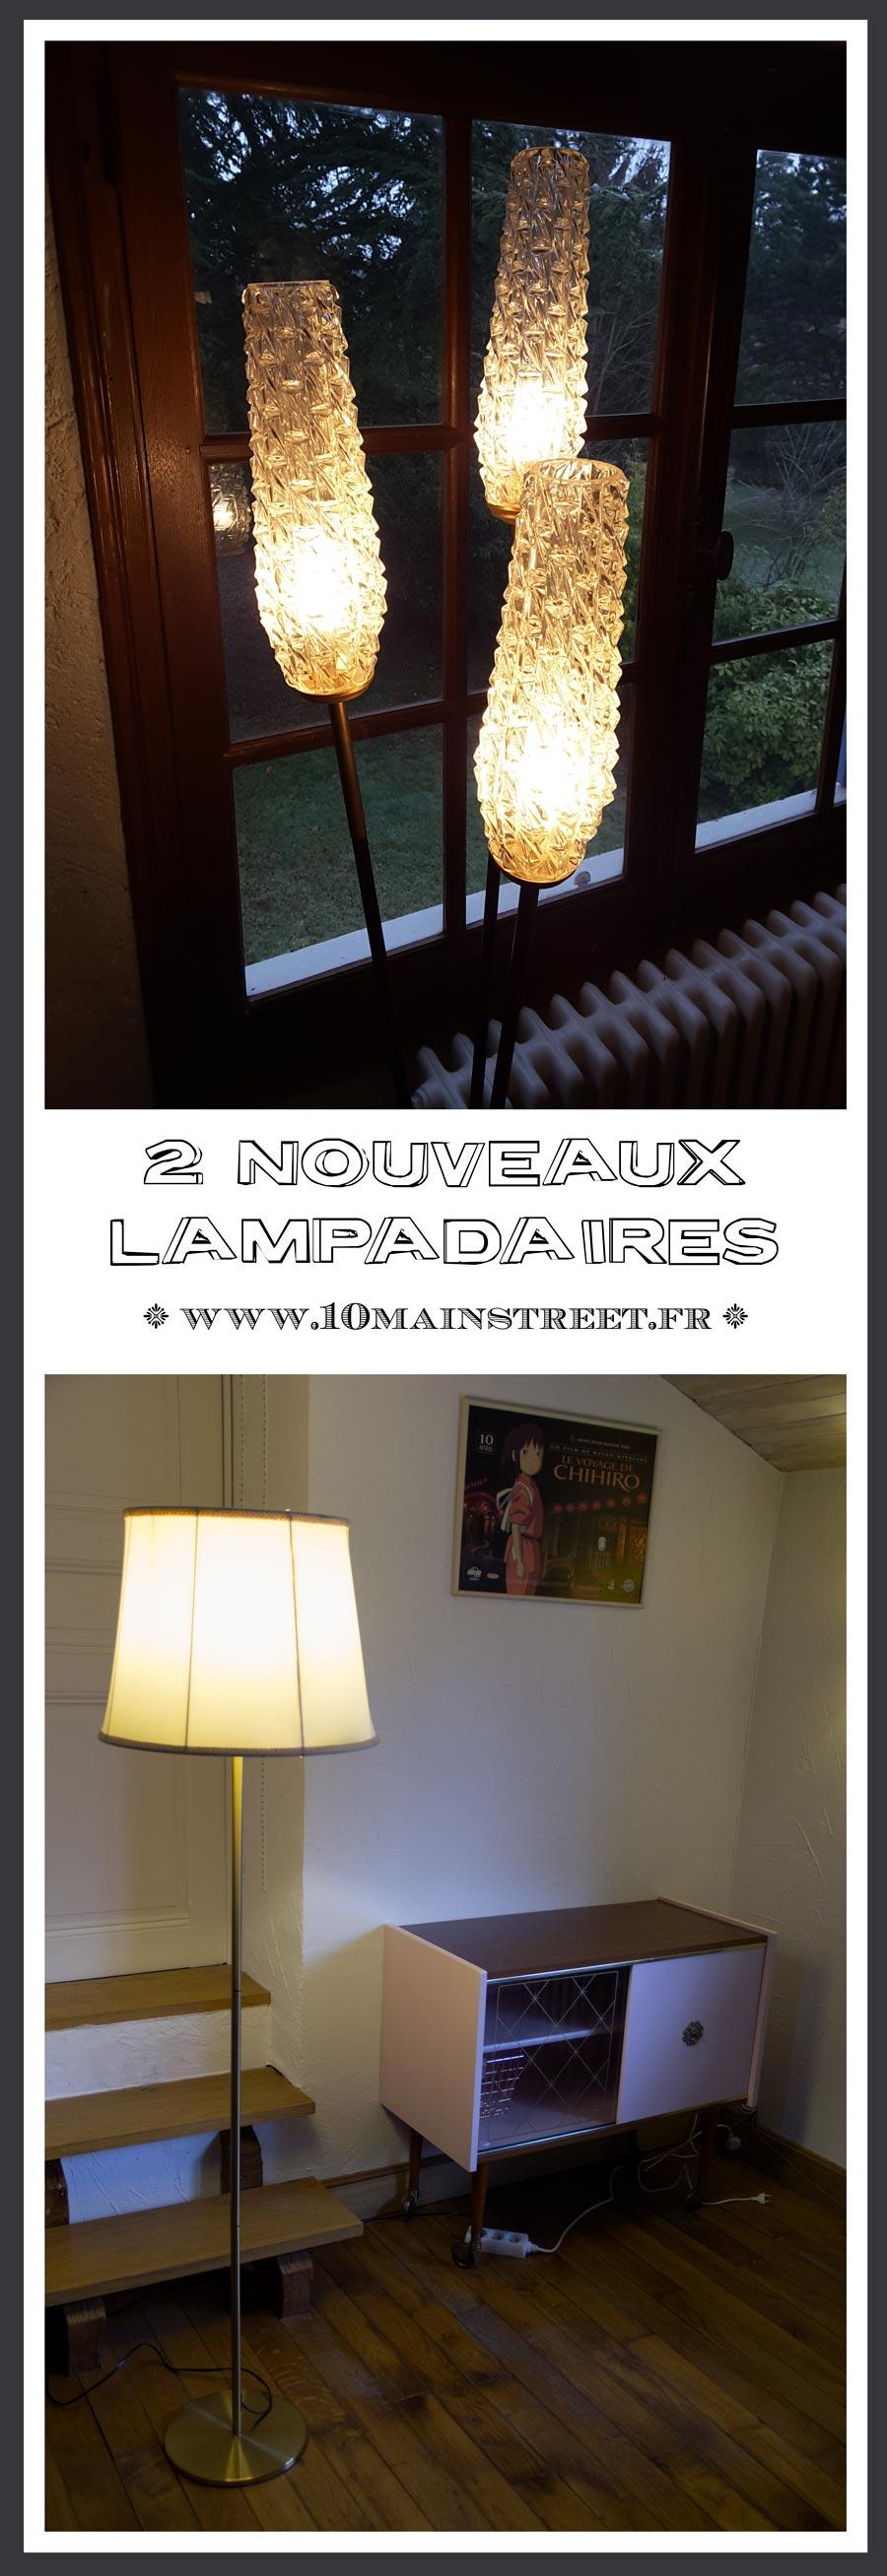 2 nouveaux lampadaires : merveille psychédélique des 60s et